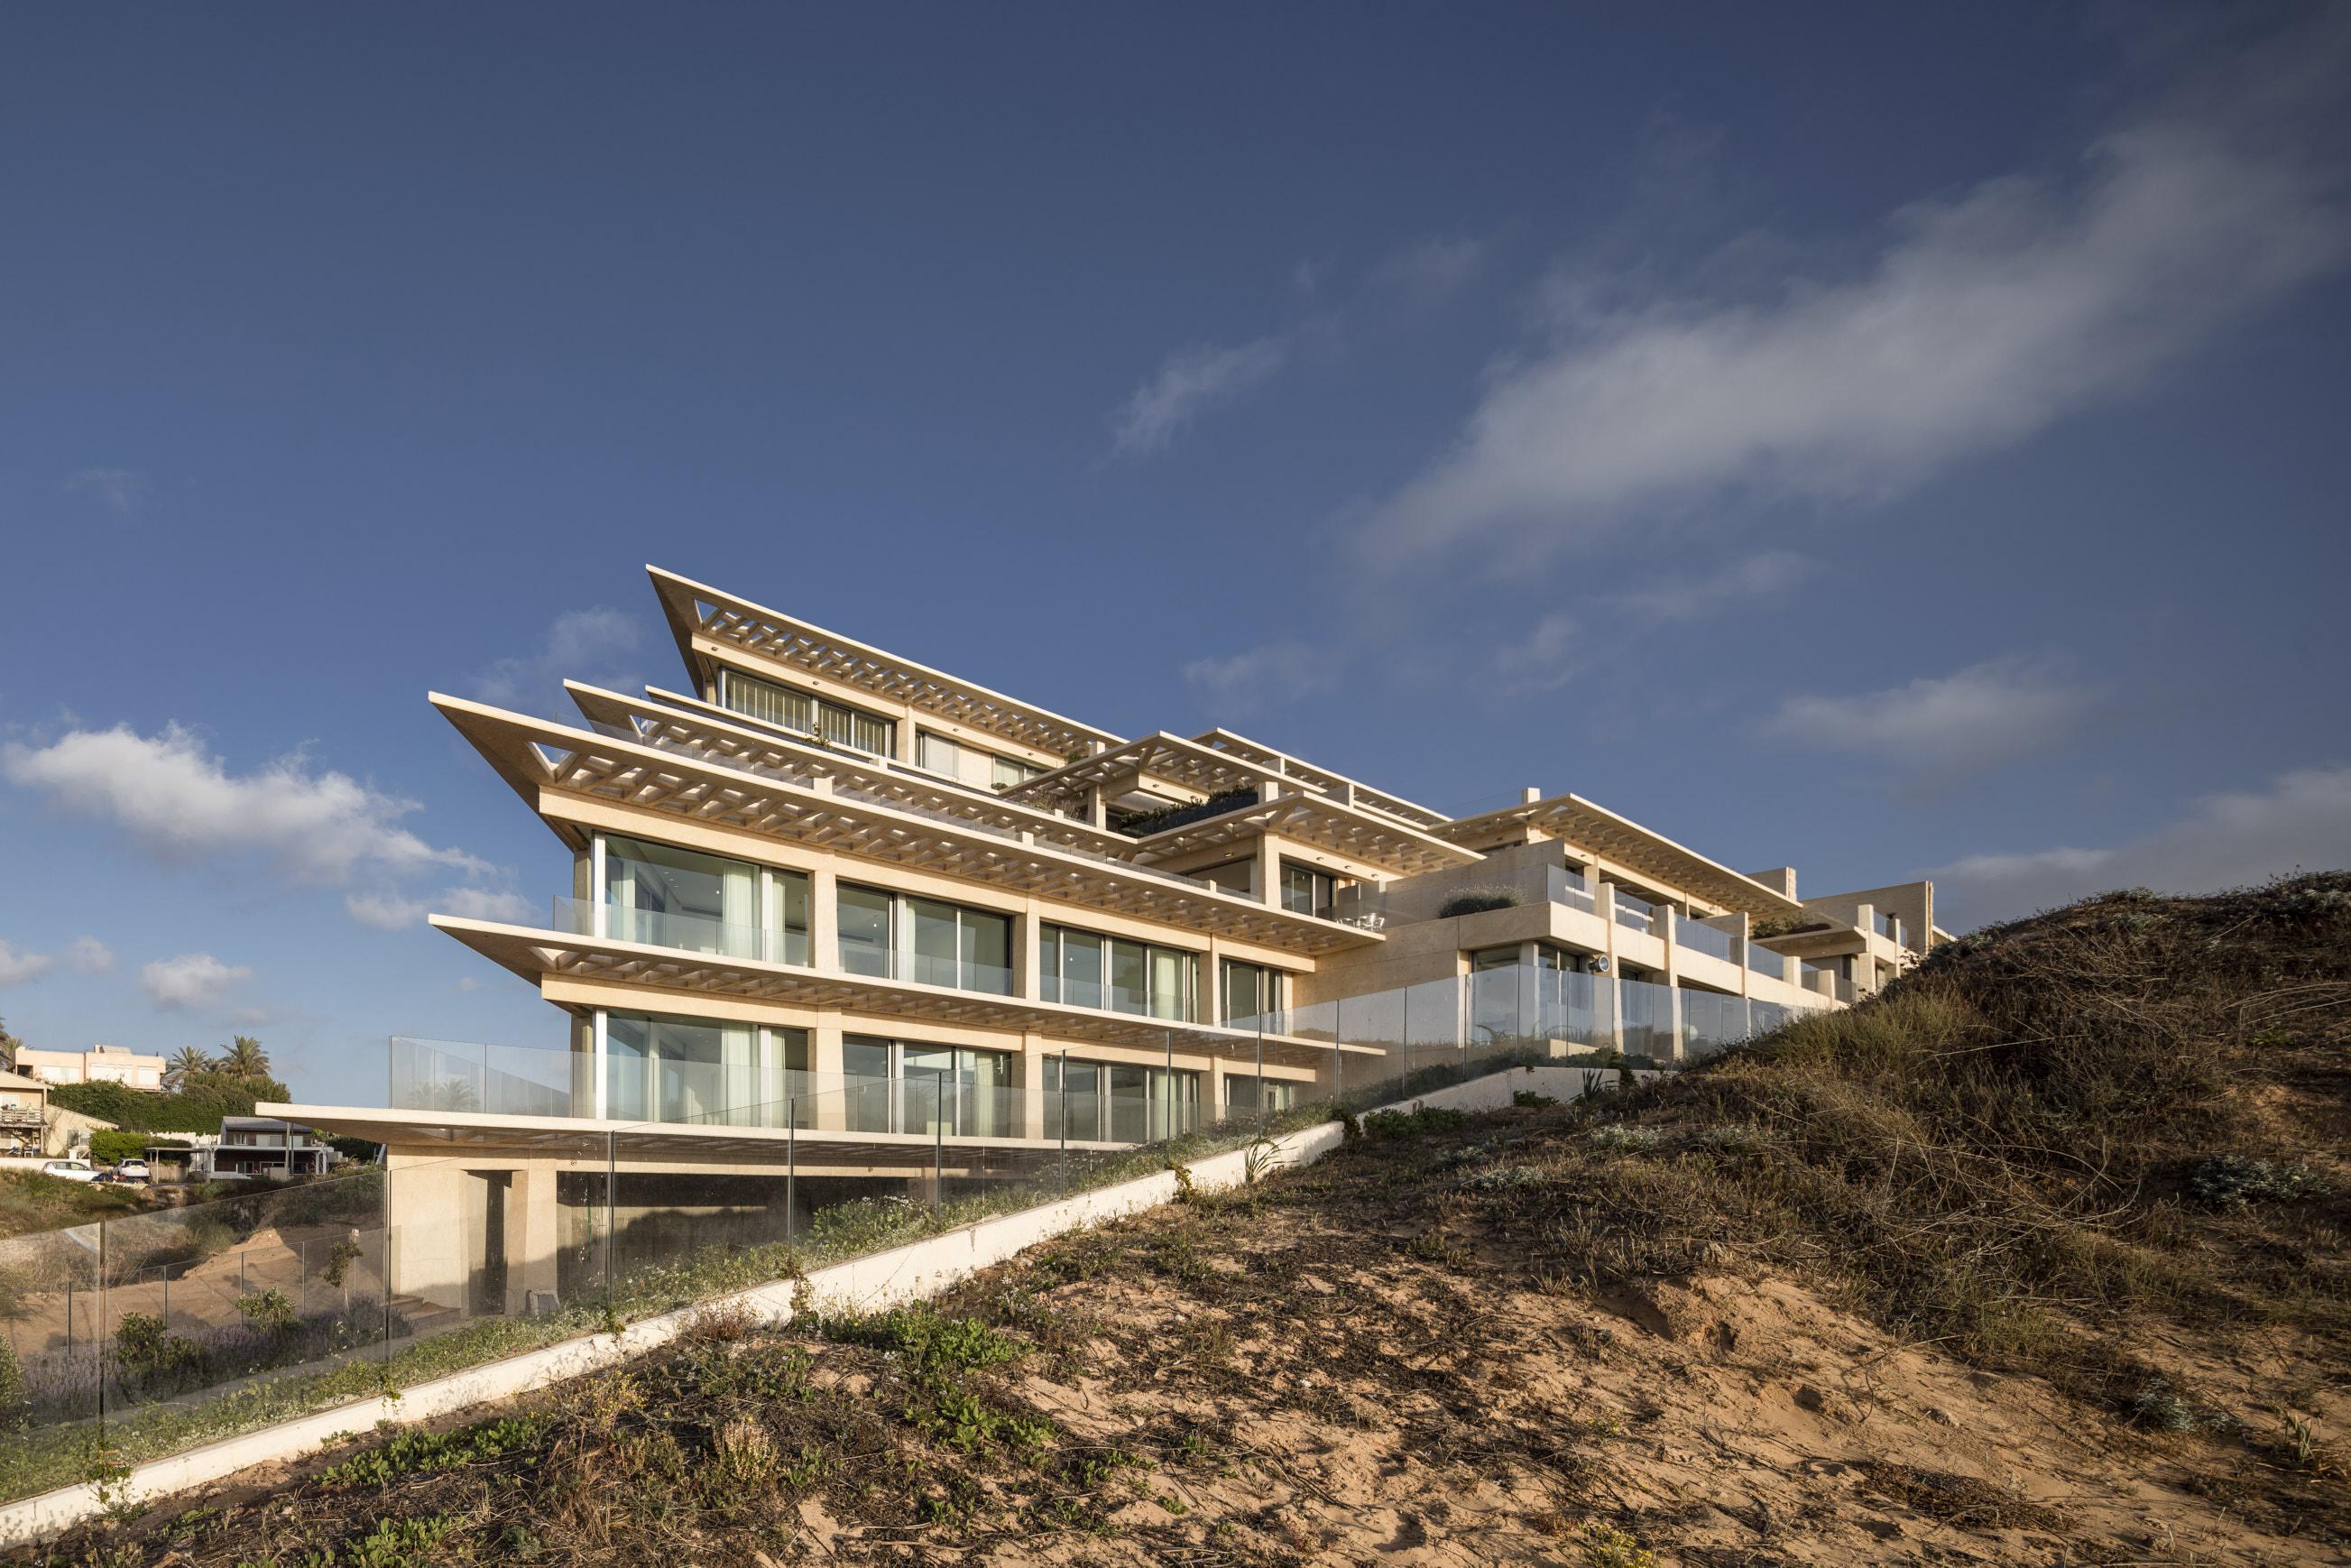 Il complesso residenziale si trova ad Arsuf, antica città e fortezza situata a nord di Tel Aviv (Israele). / Gottesman-Szmelcman Architecture